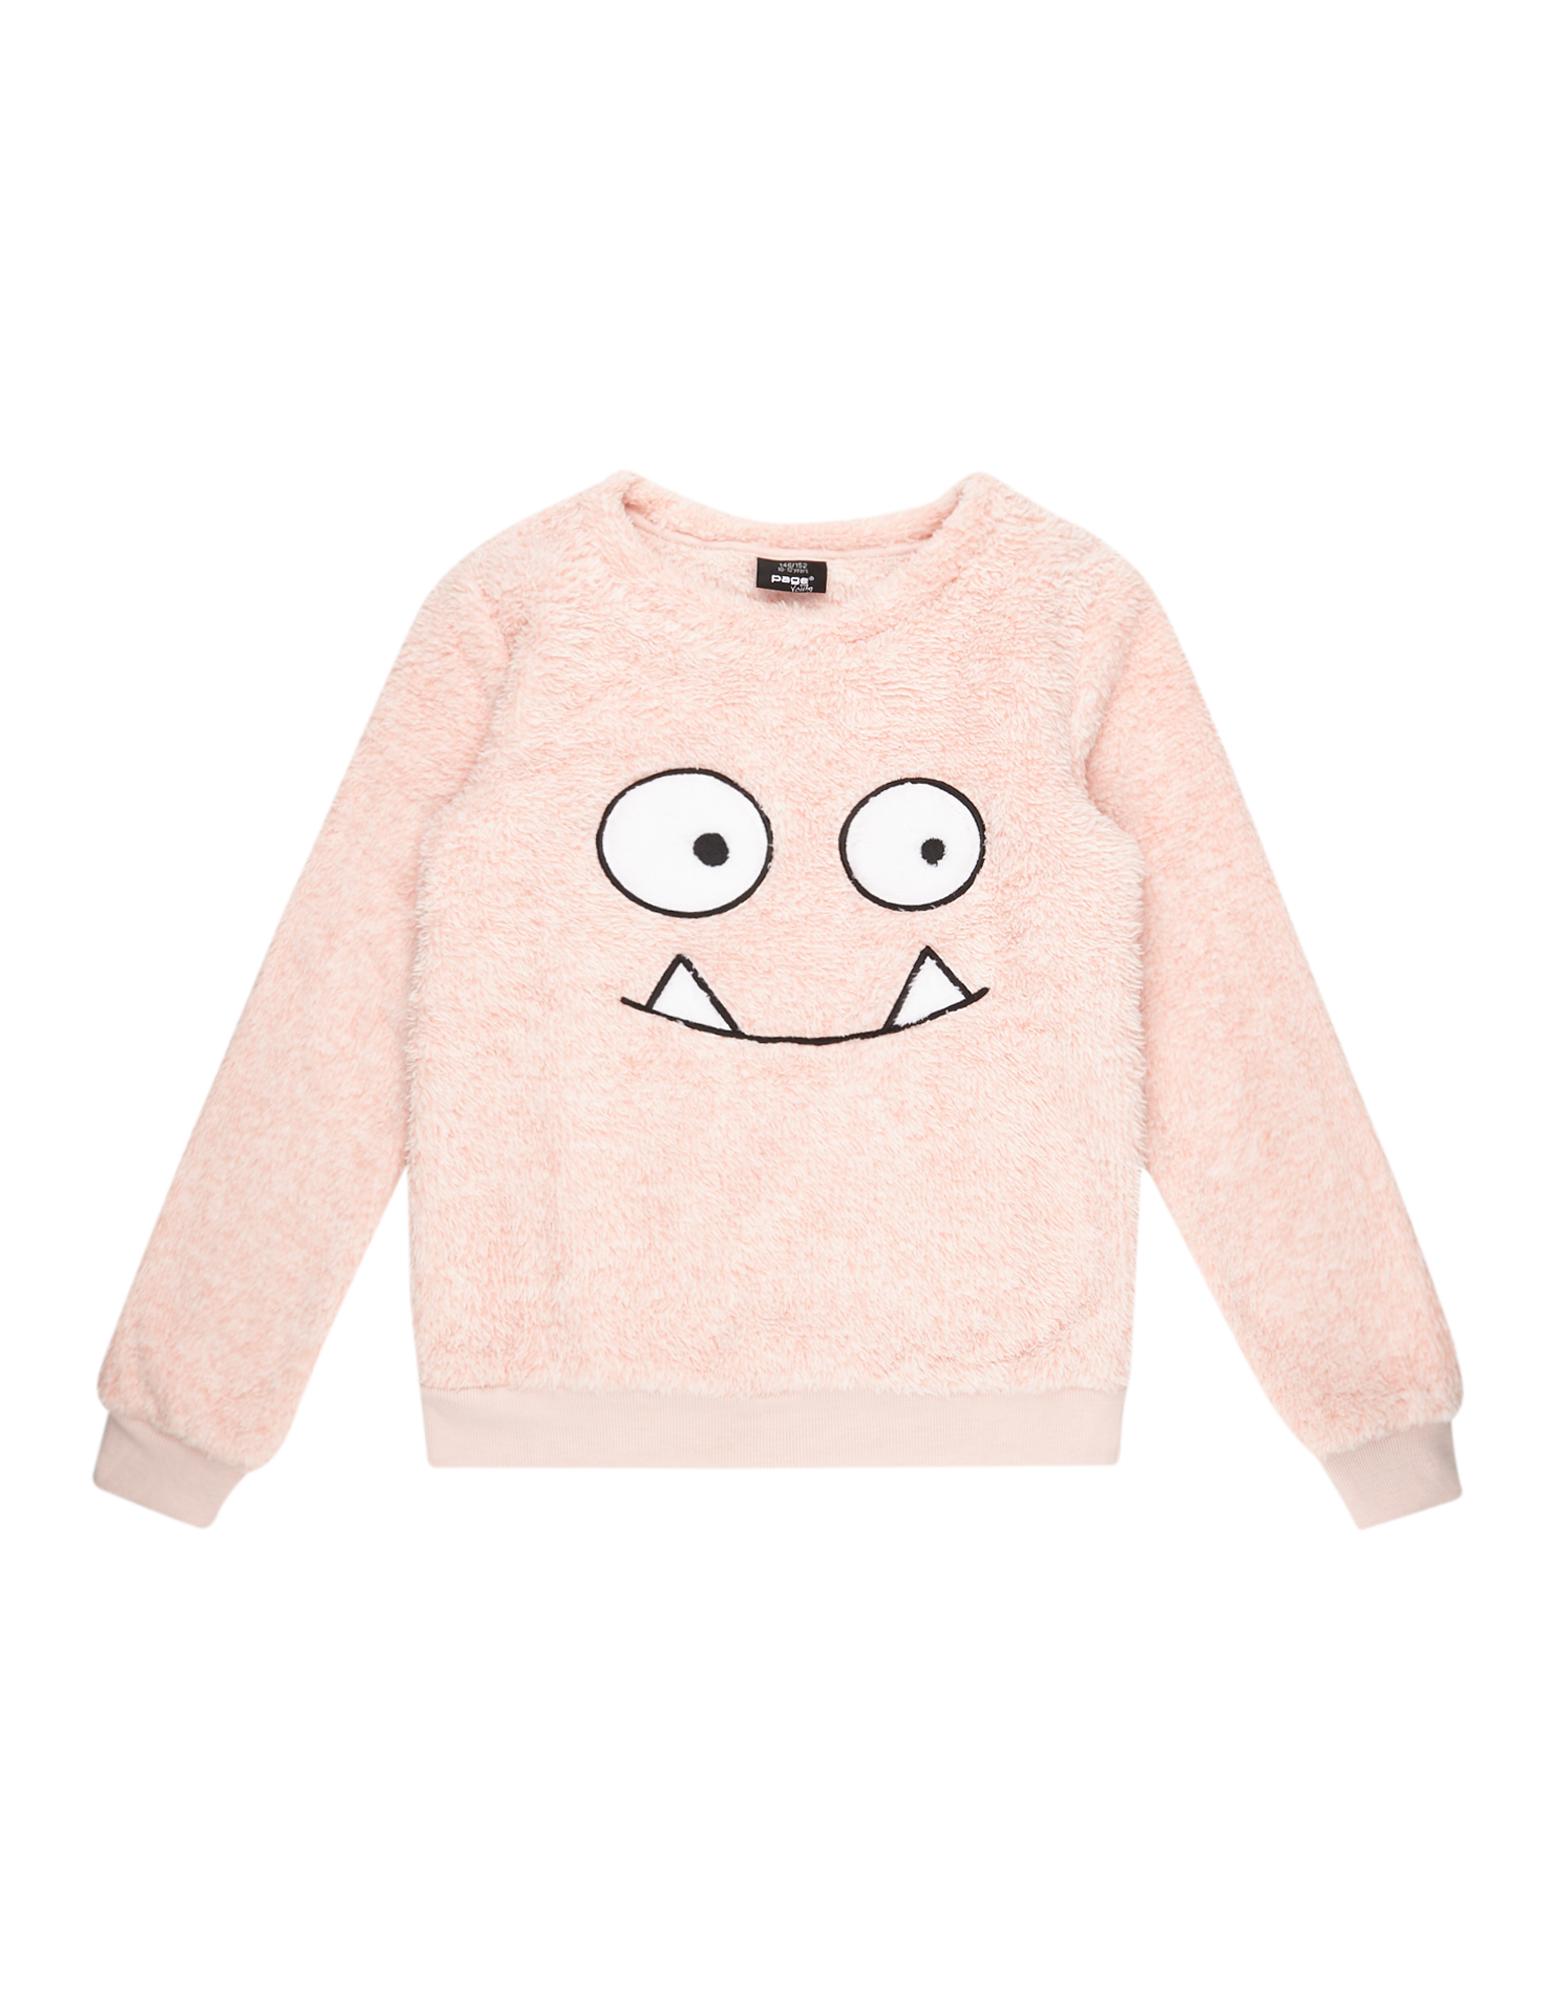 Mädchen Sweatshirt aus Teddyfell  | 81486744220105